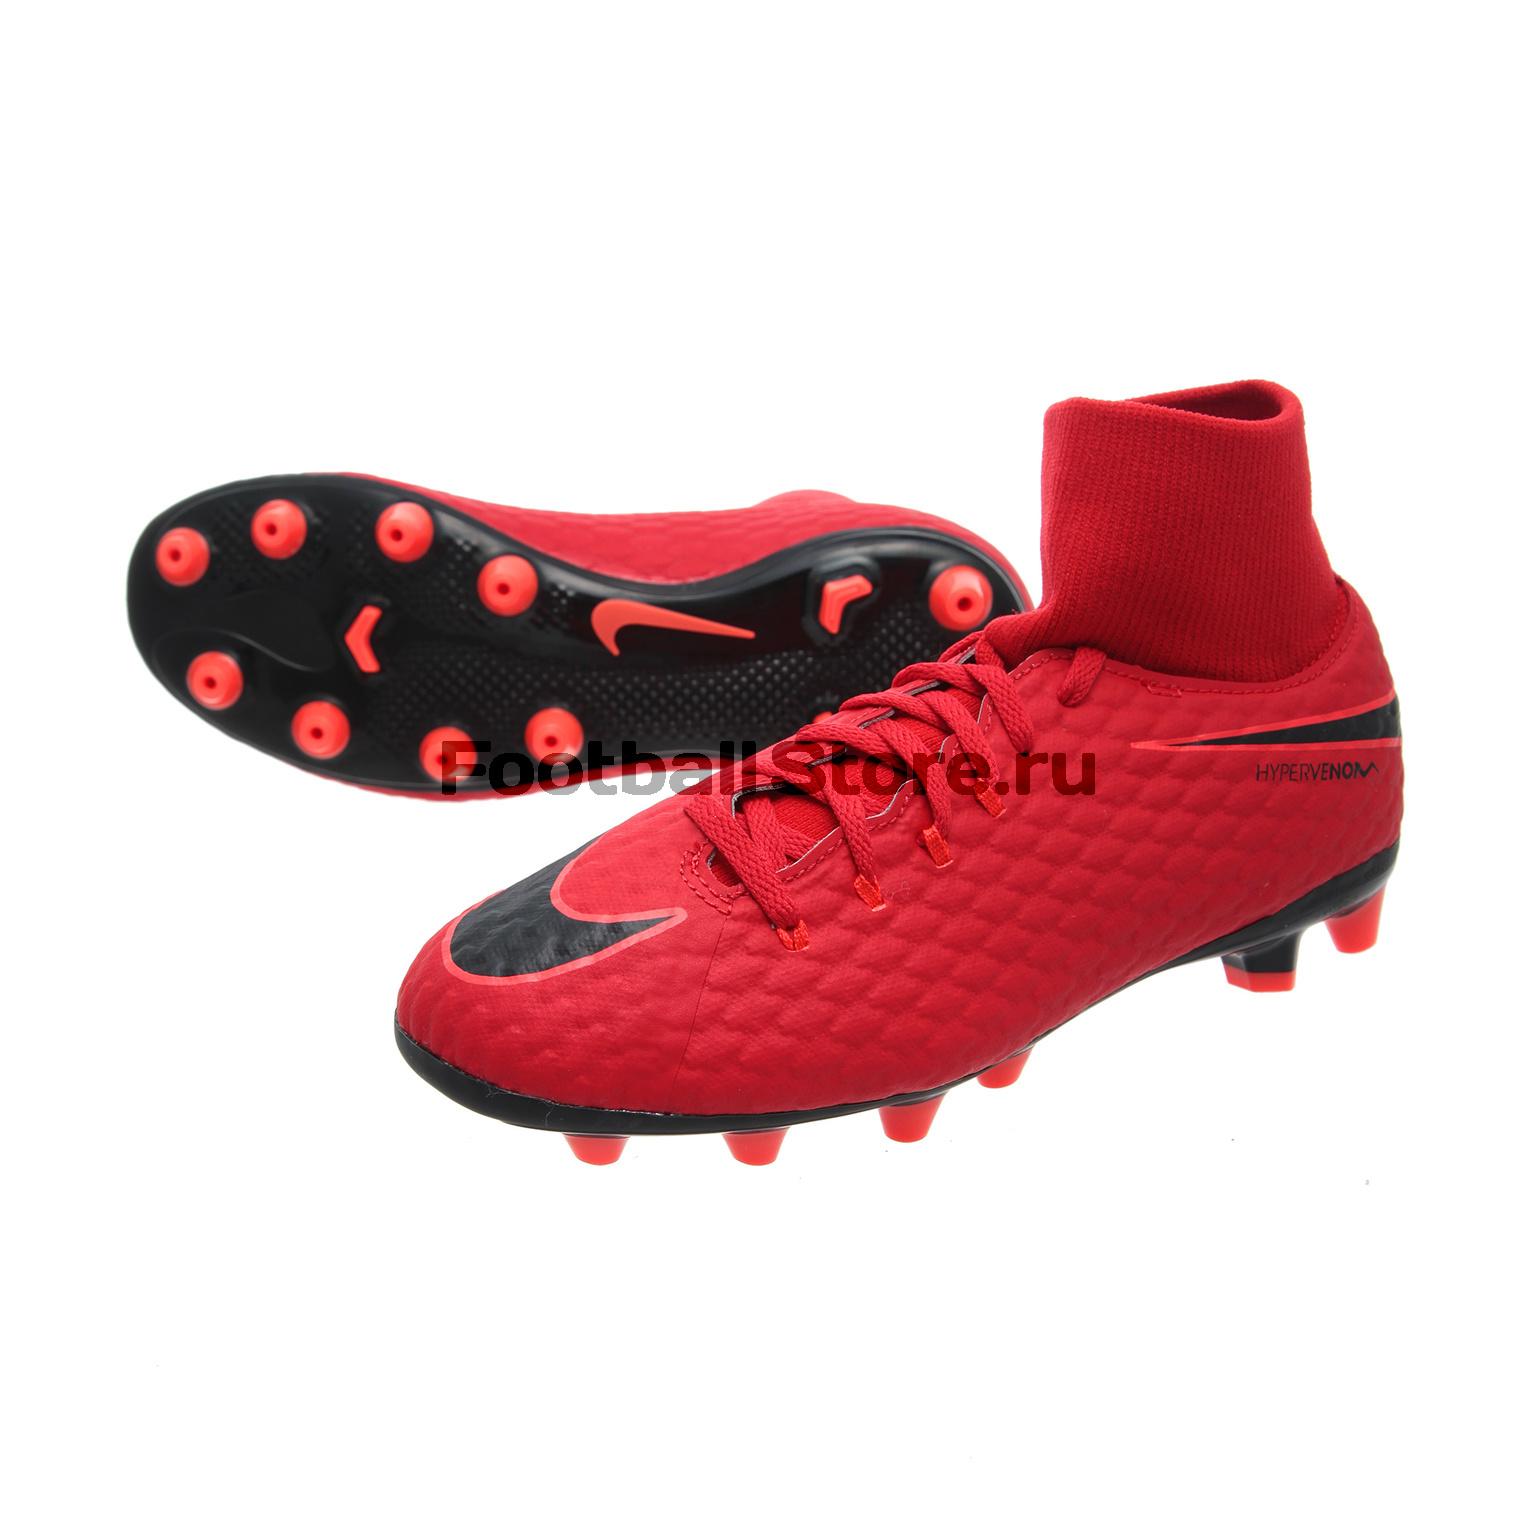 Детские бутсы Nike Бутсы Nike JR Hypervenom Phelon 3 DF AG-Pro 917770-616 бутсы зальные nike nike ni464amhbs90